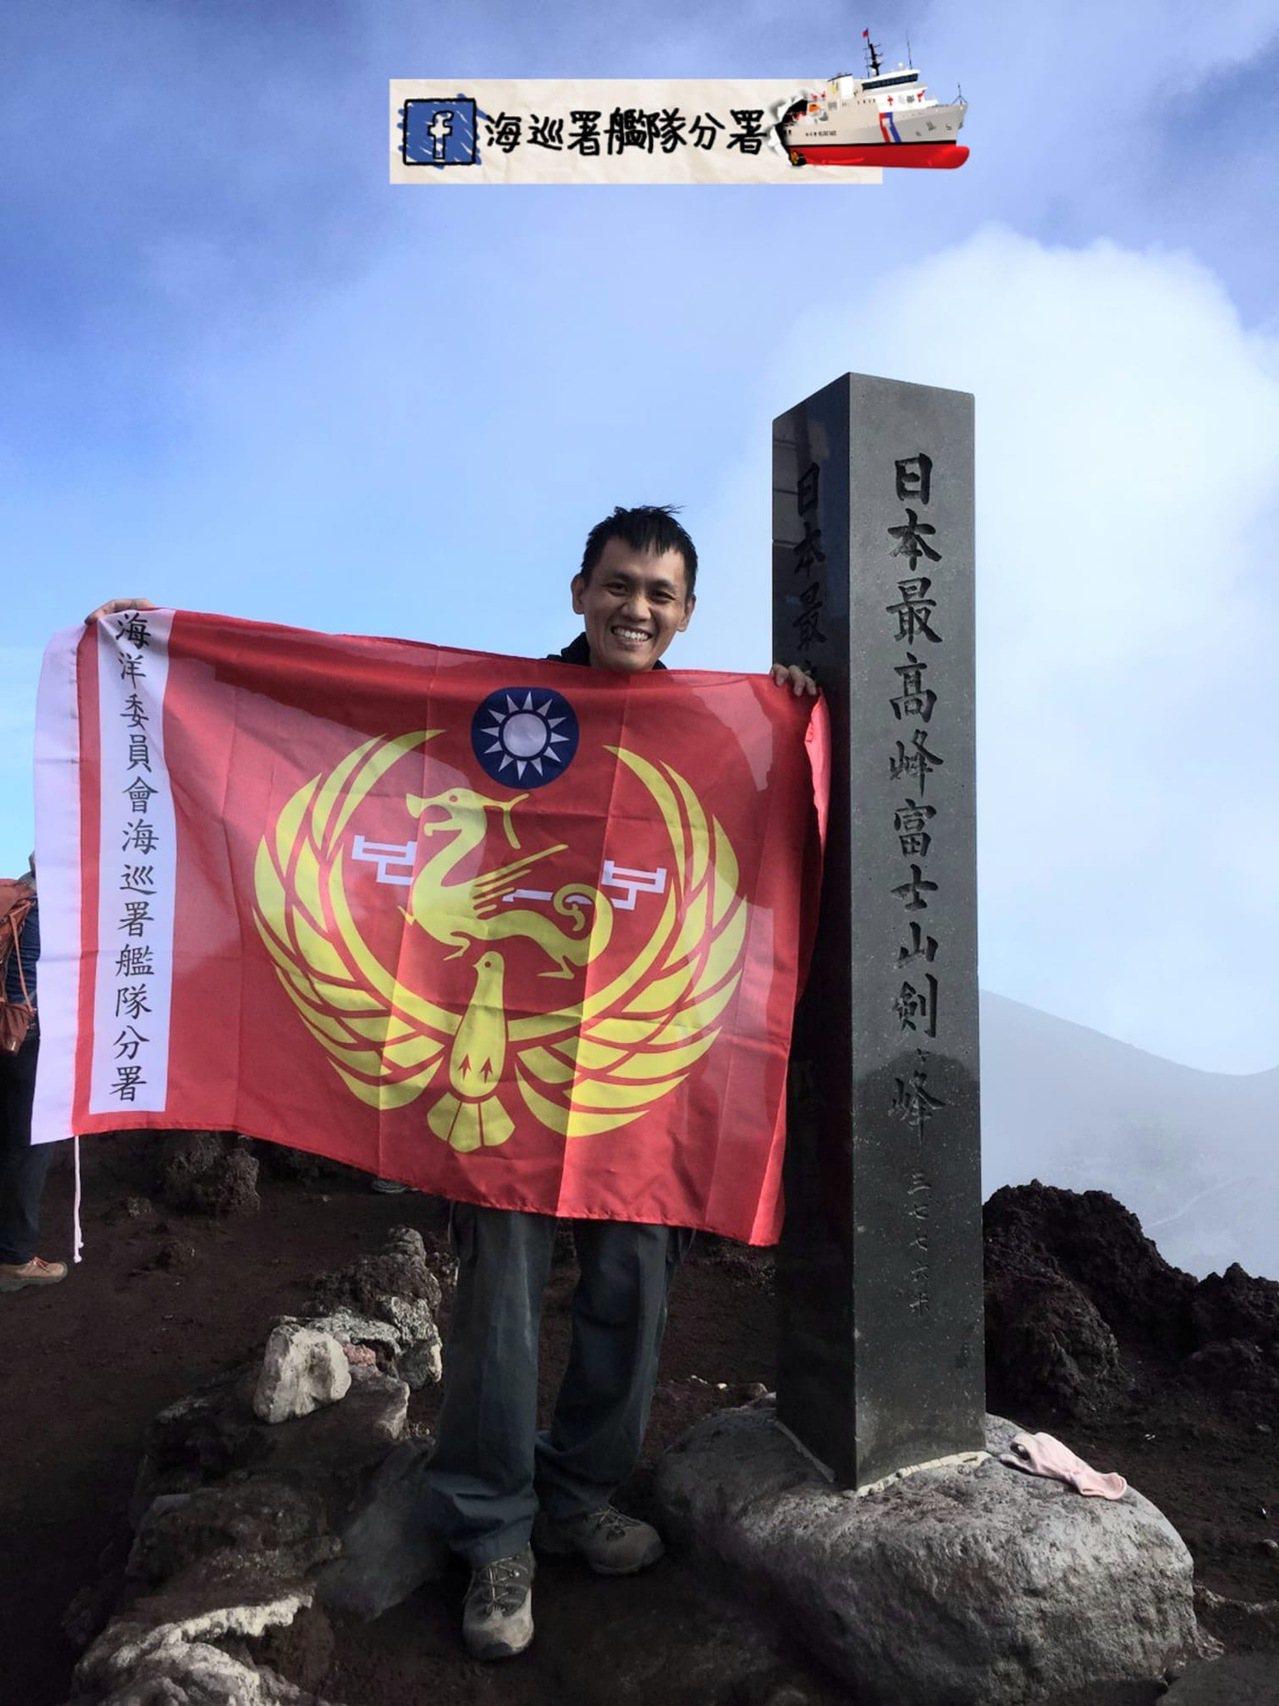 海巡署艦隊分署科員陳冠良攜帶海巡艦隊分署旗,登上日本第一高峰富士山。記者巫鴻瑋/...